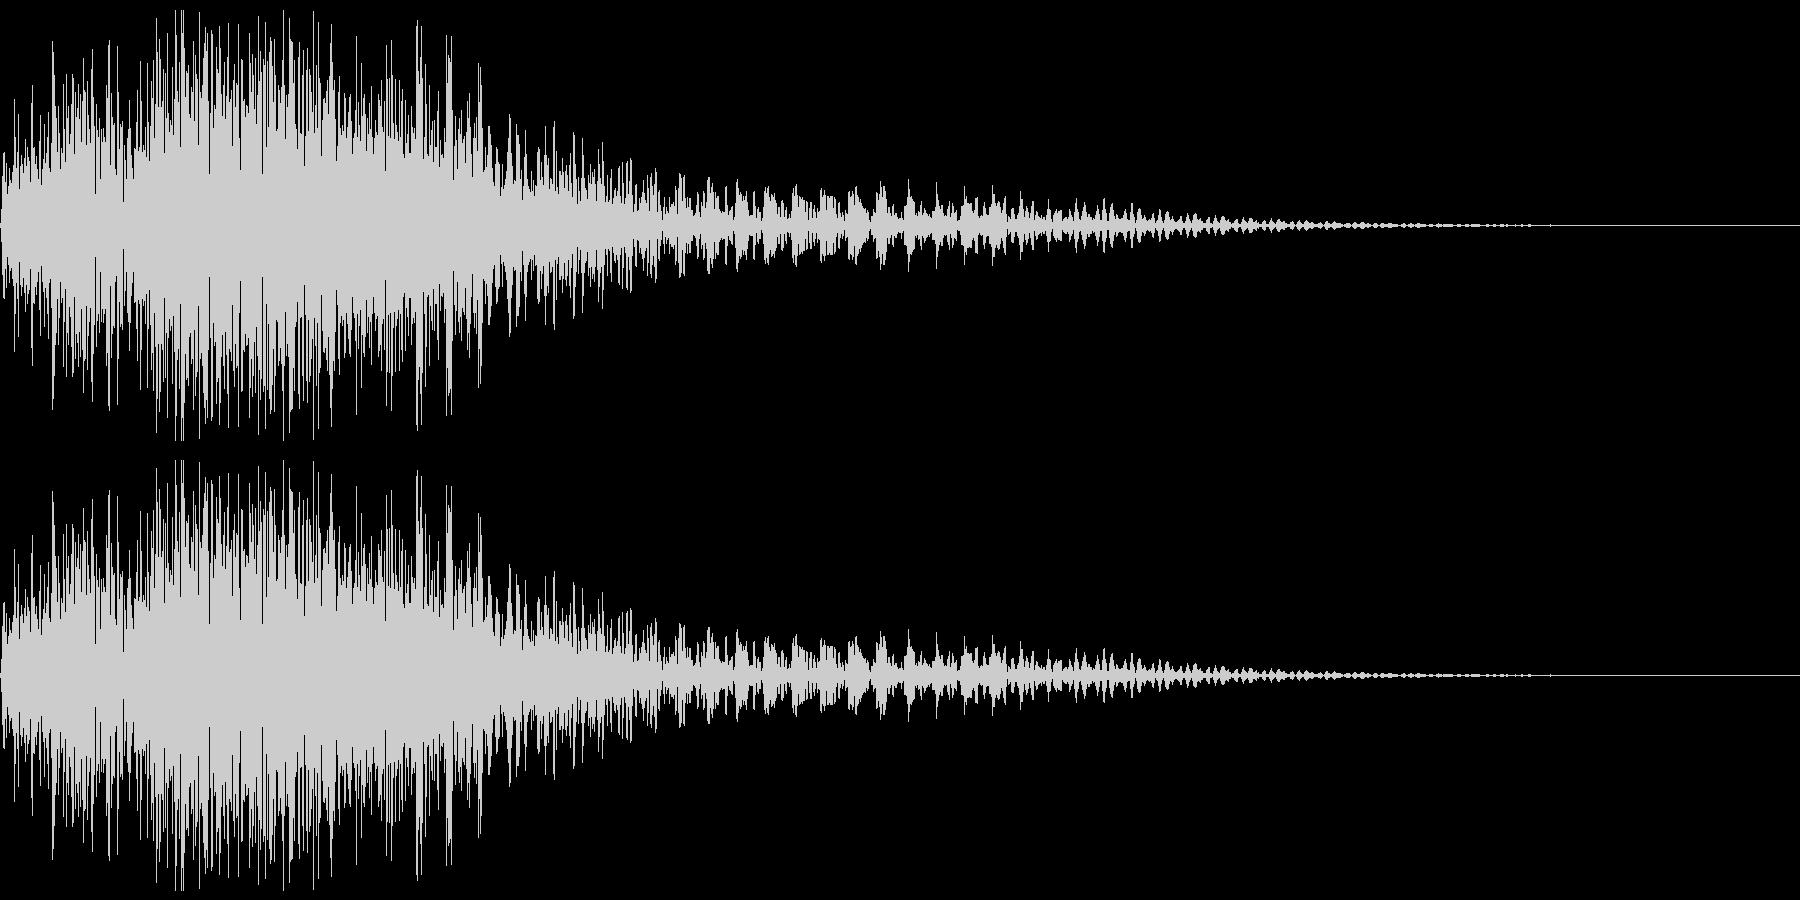 衝撃音(ゴギャーン)の未再生の波形